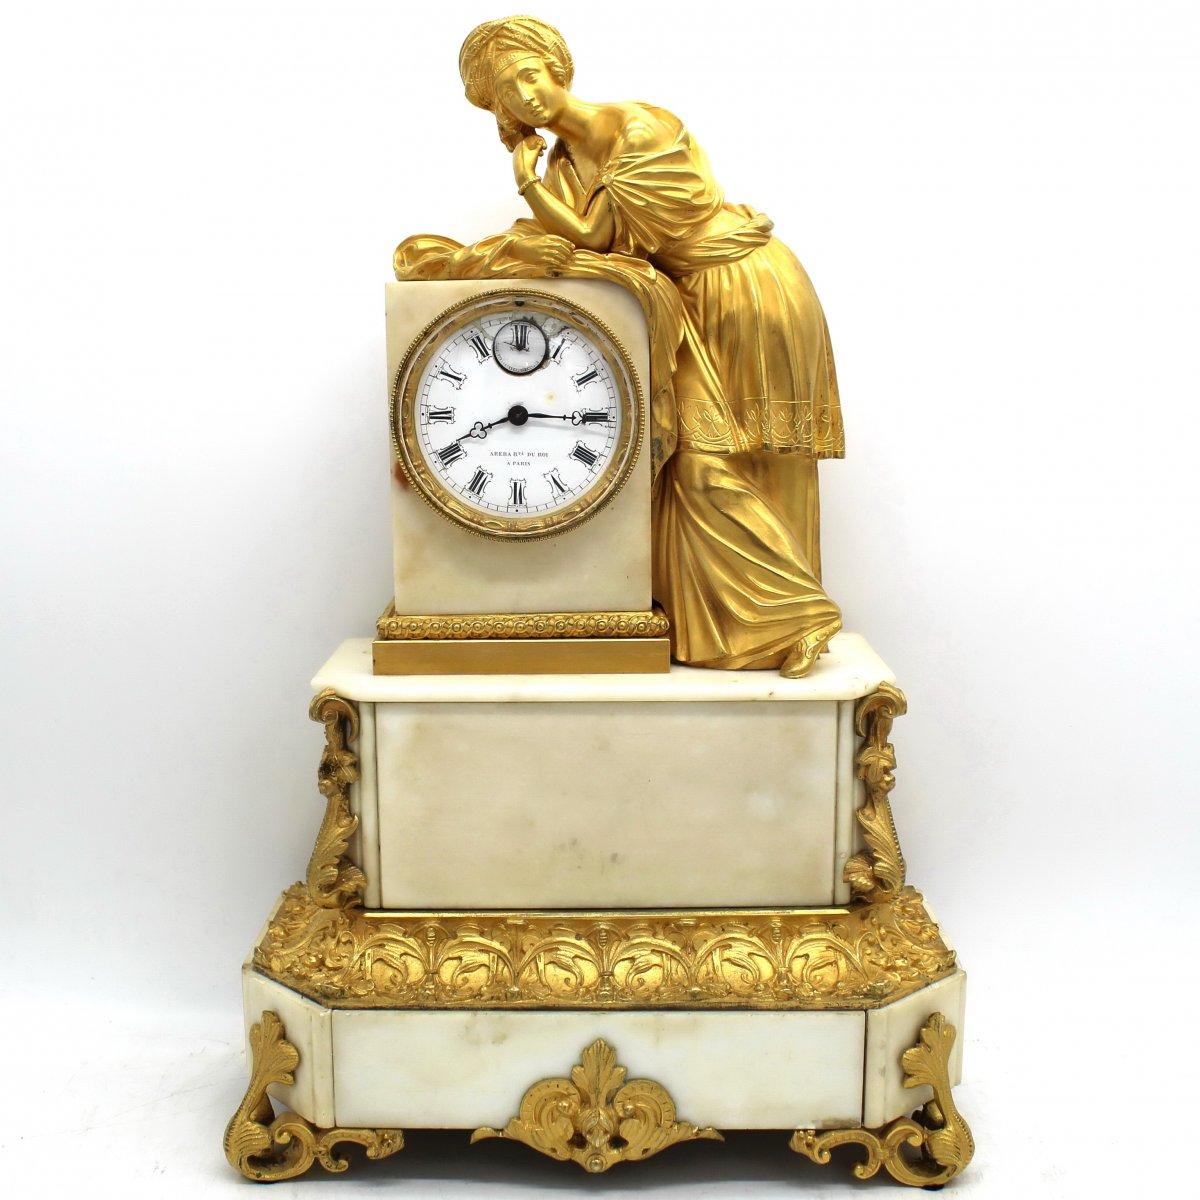 Ancien Horloge Pendule d'époque Louis Philippe en bronze doré et marbre - 19ème siècle